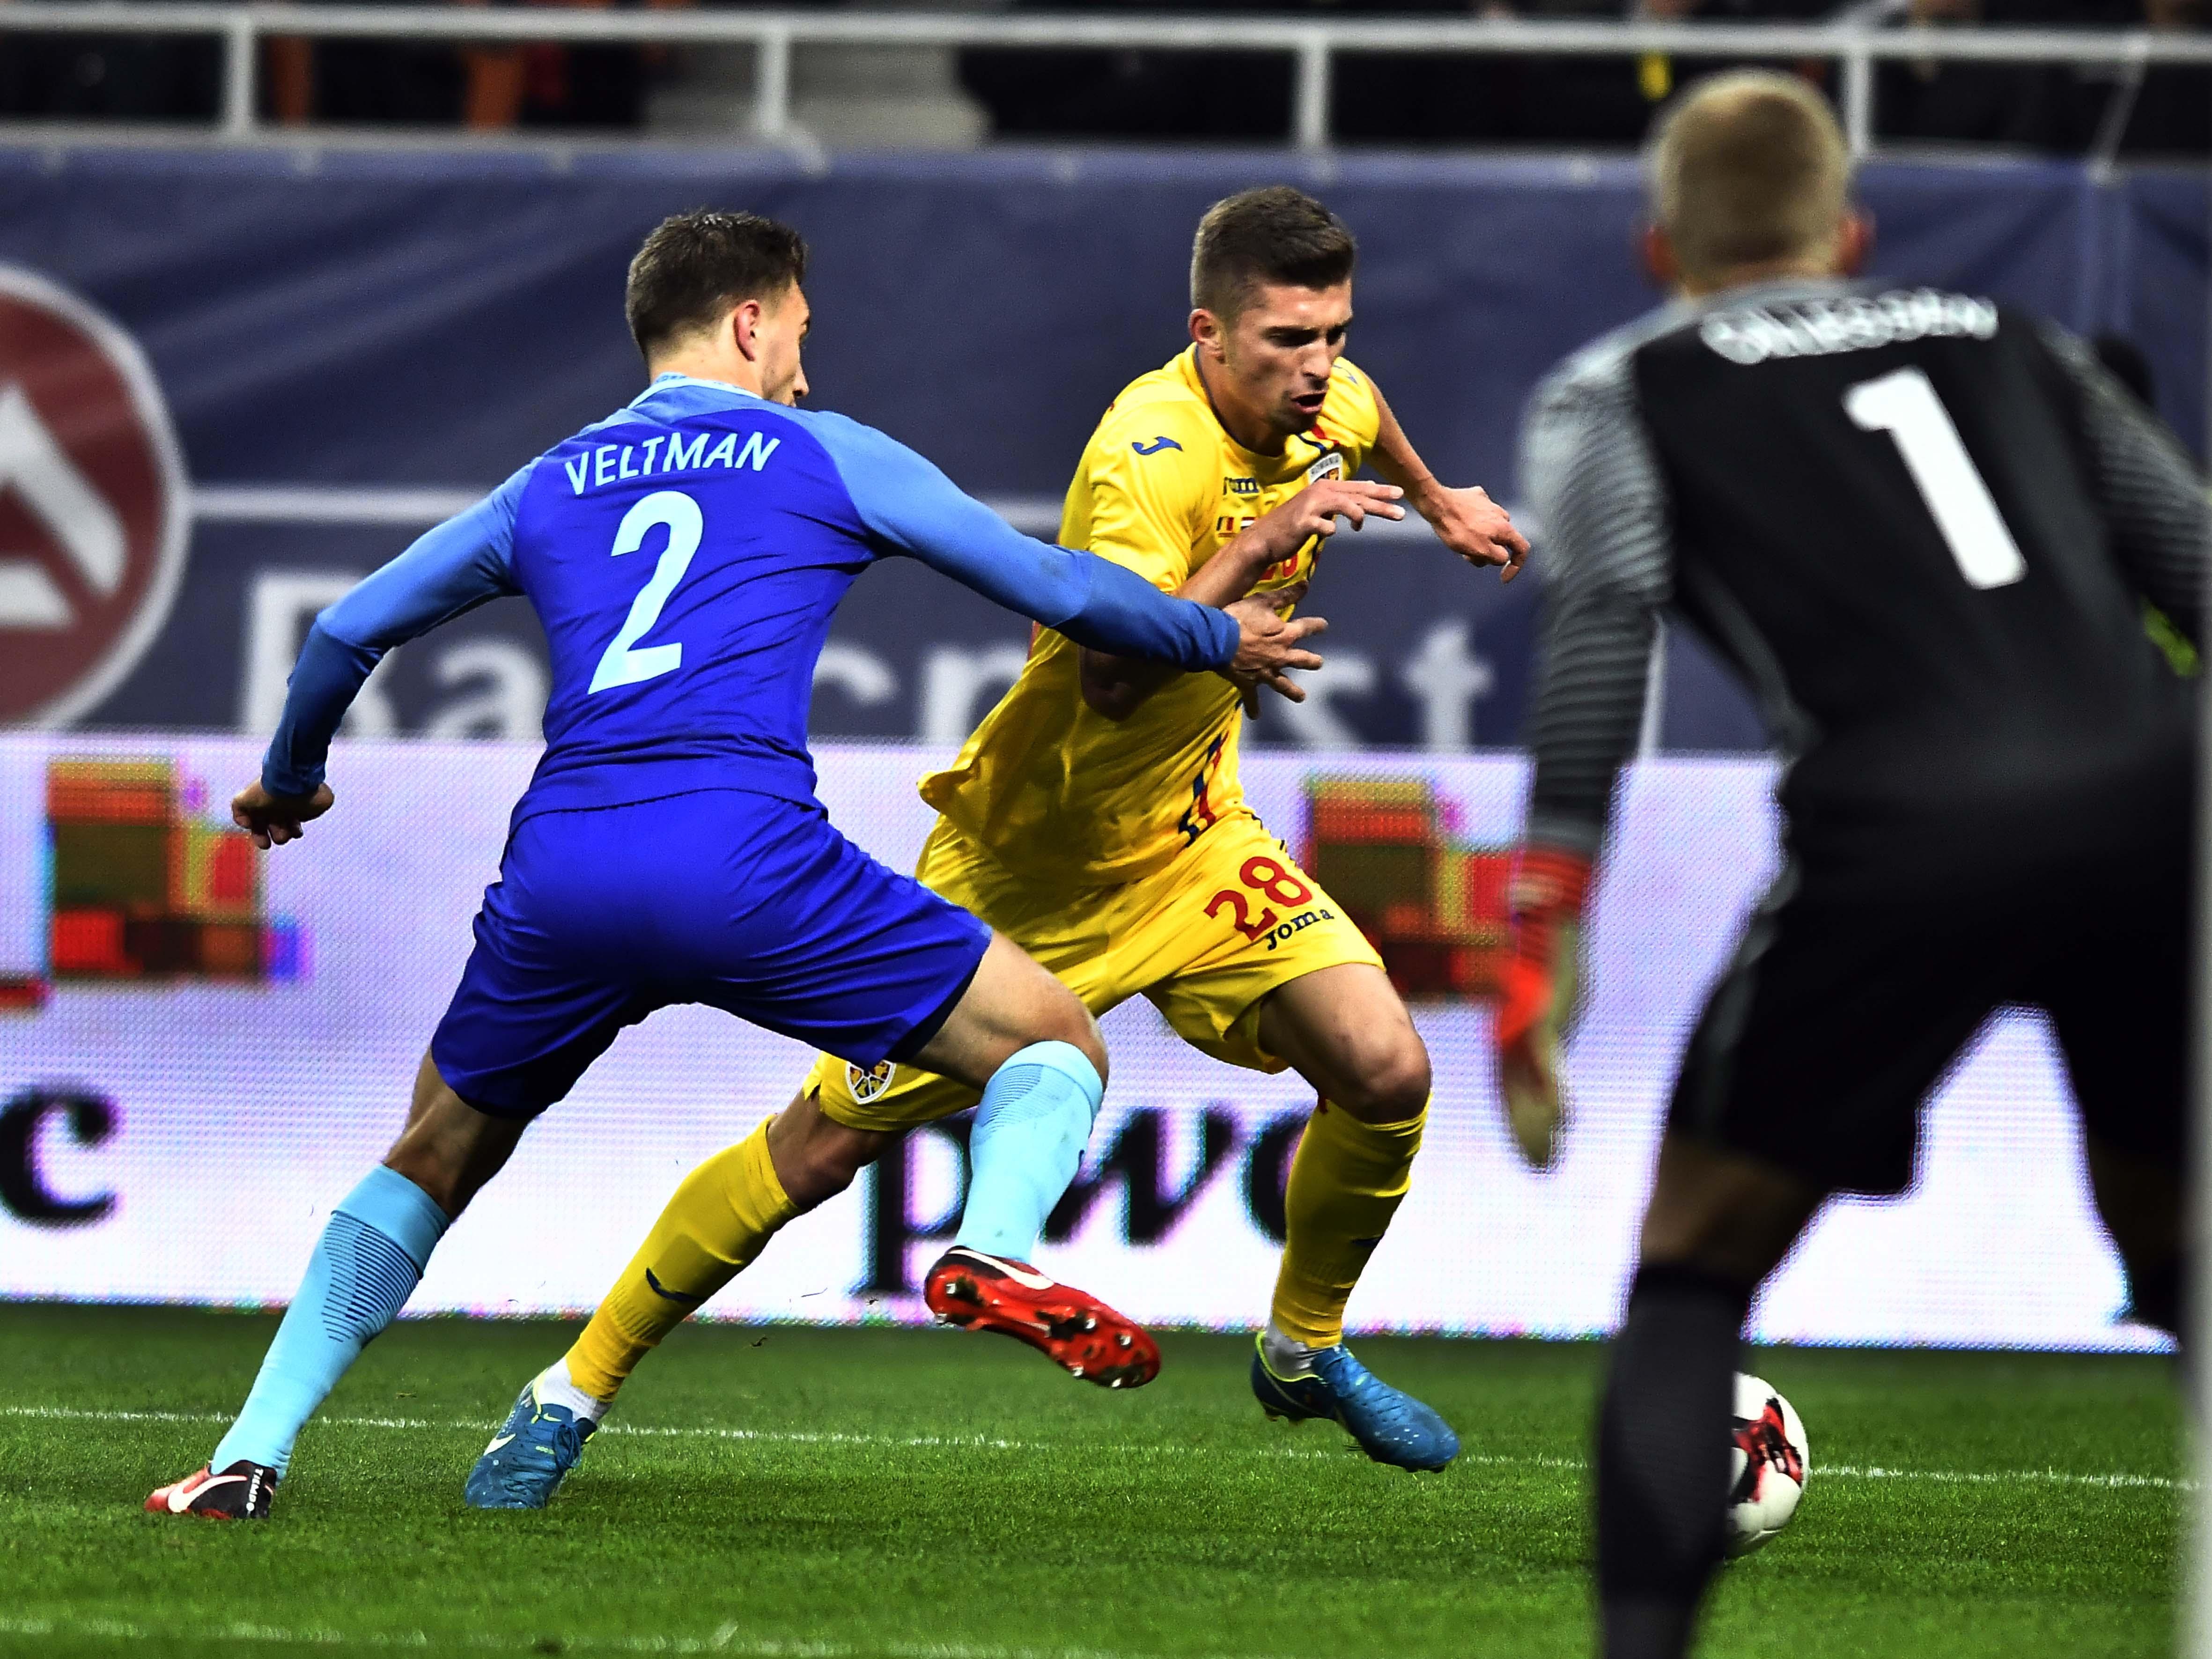 Ultima prezenţă a lui Florin Tănase sub tricolor a fost în România-Olanda 0-3, în 2017. Foto: repressport.eu